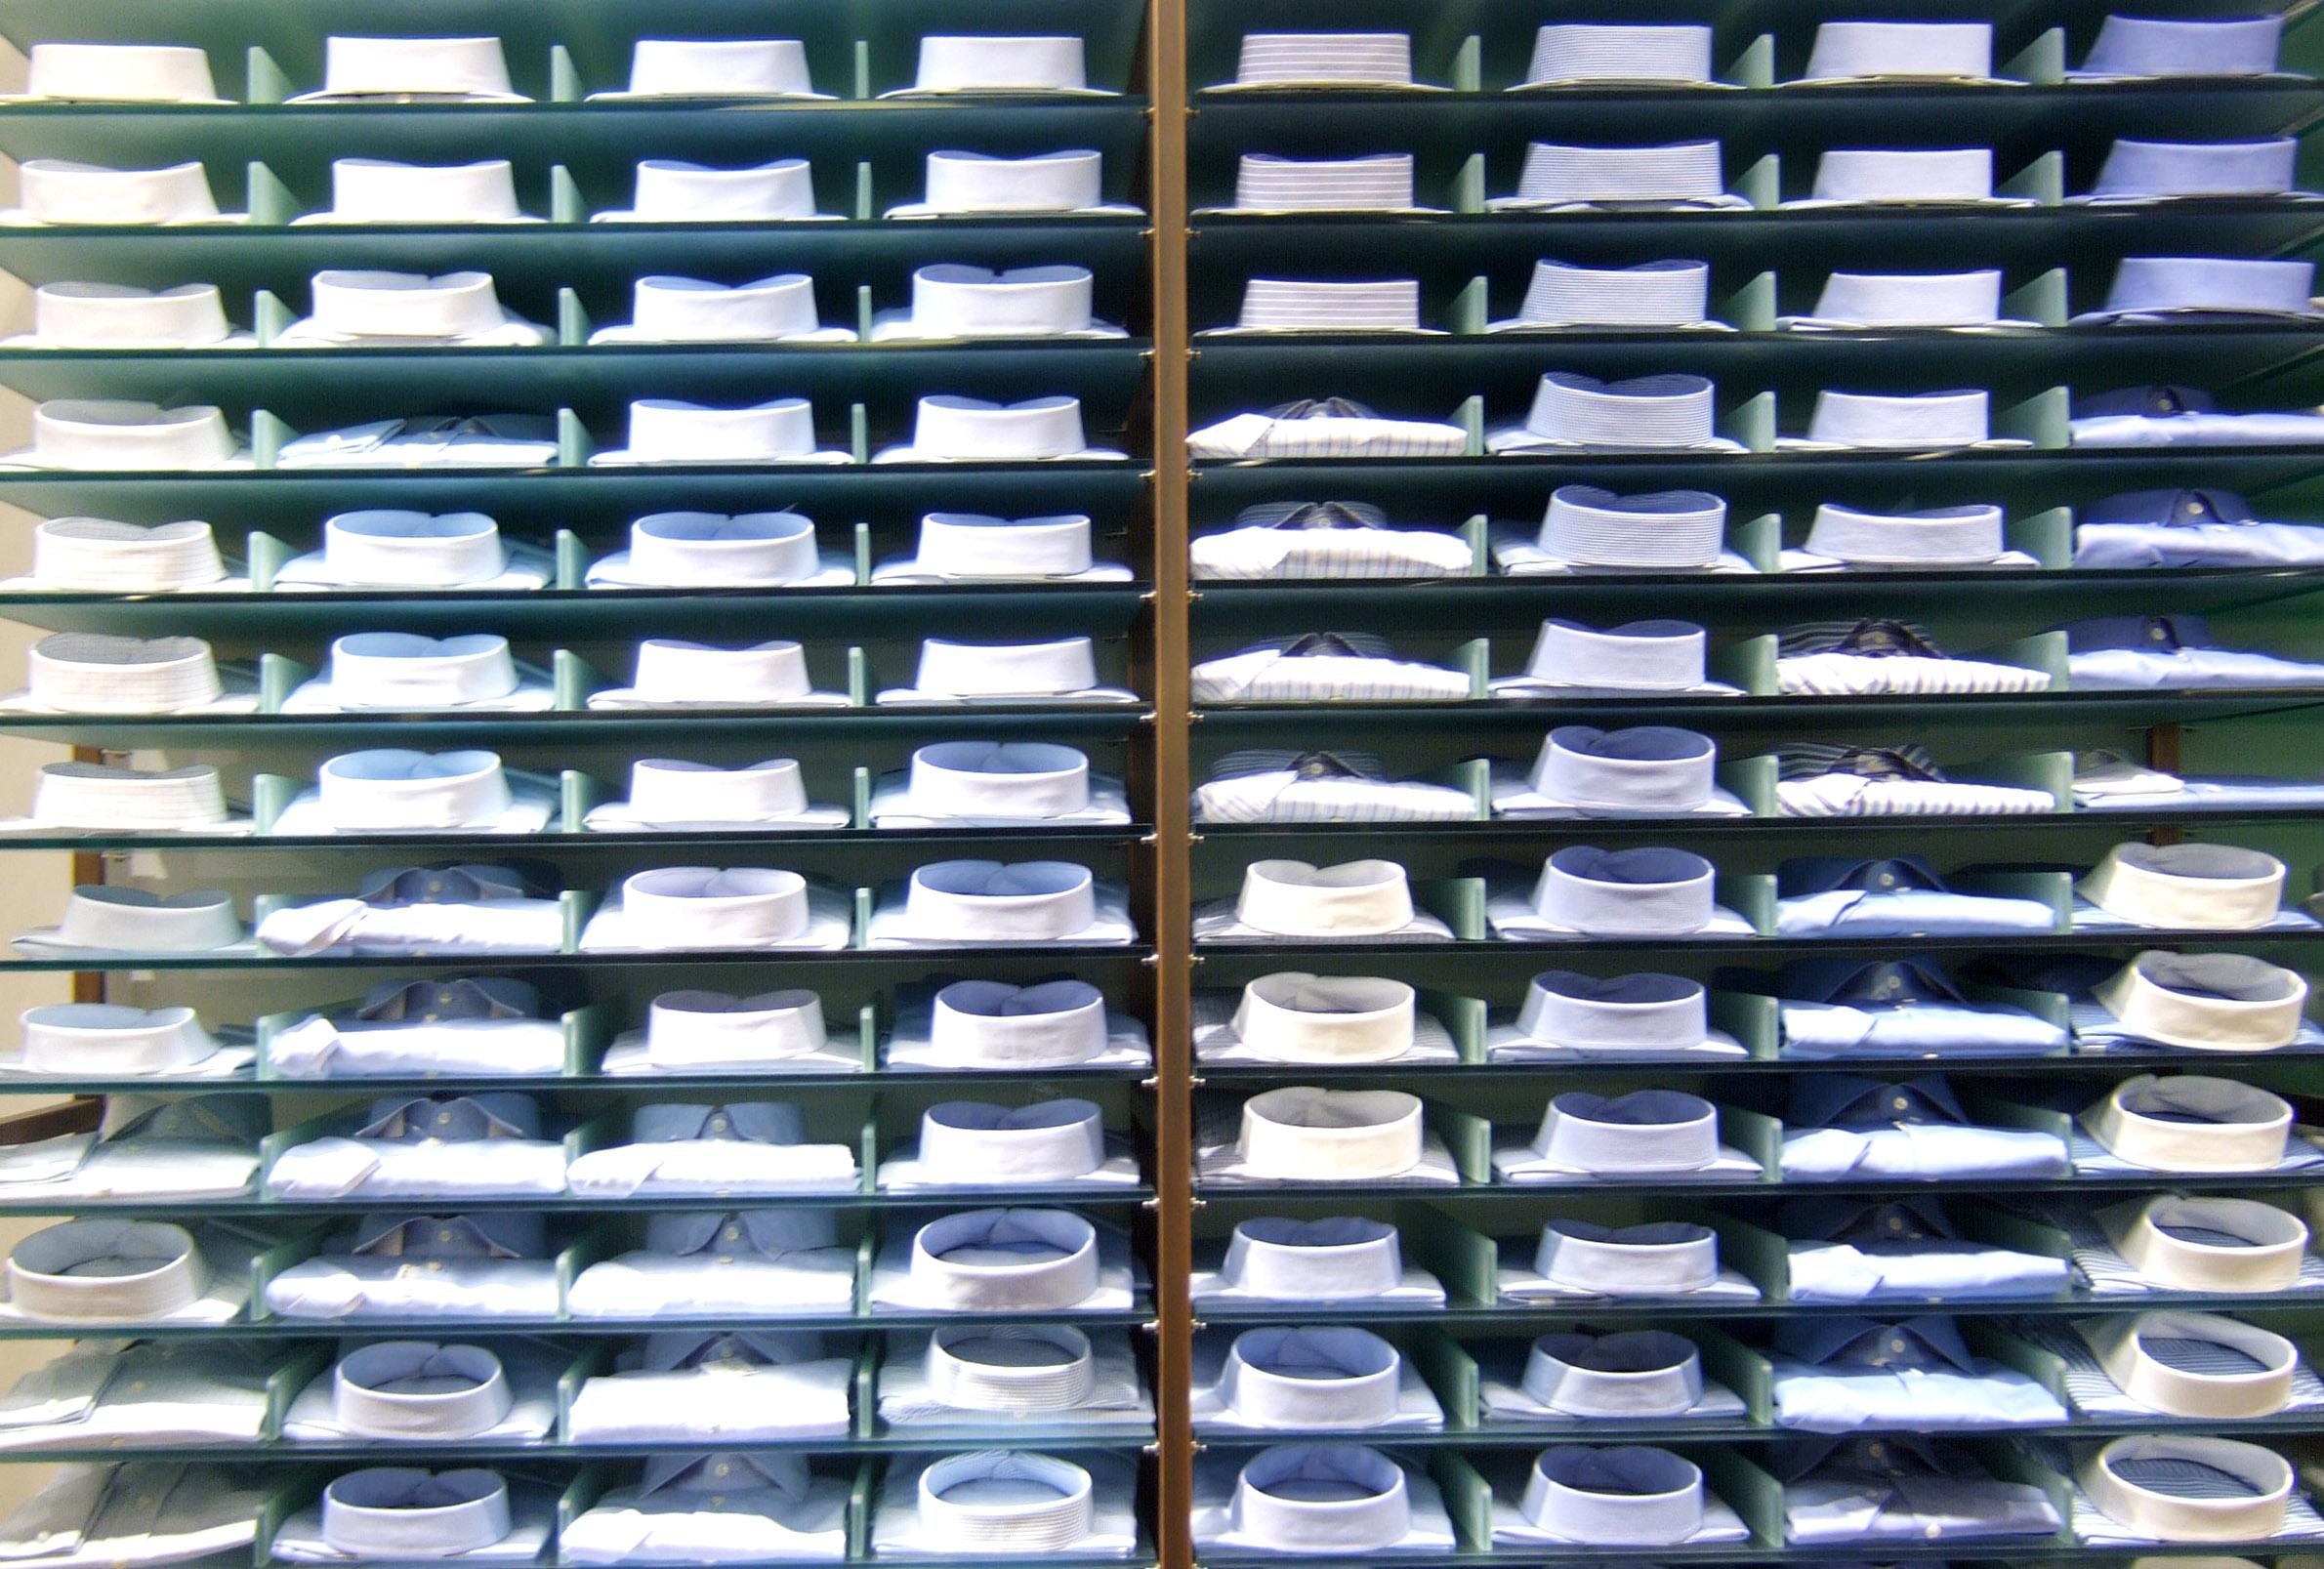 Dies besten Business Hemden im Test Foto: Rainer Sturm / Pixelio